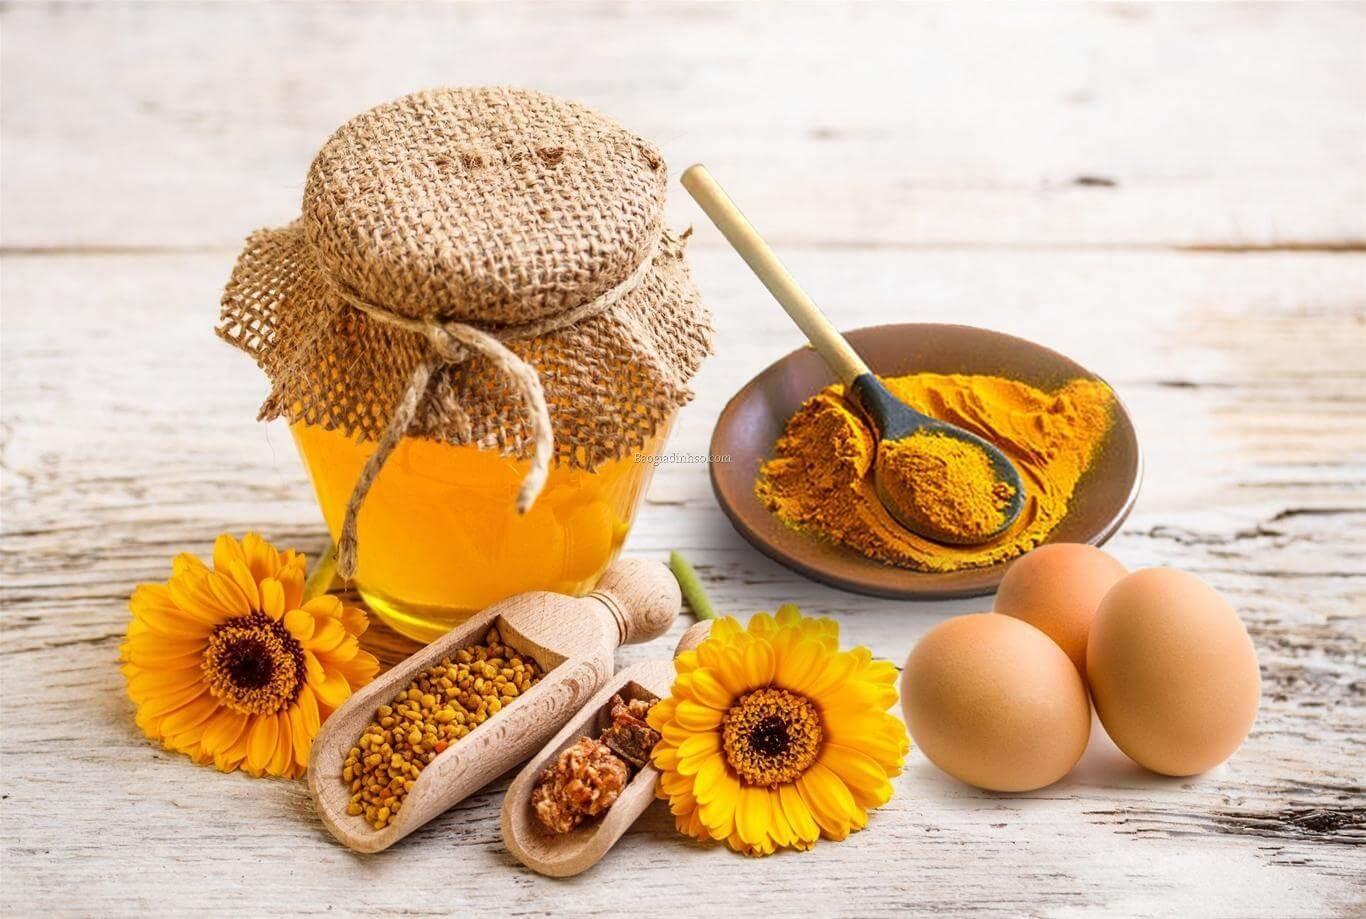 Hướng dẫn làm mặt nạ nghệ mật ong trứng gà